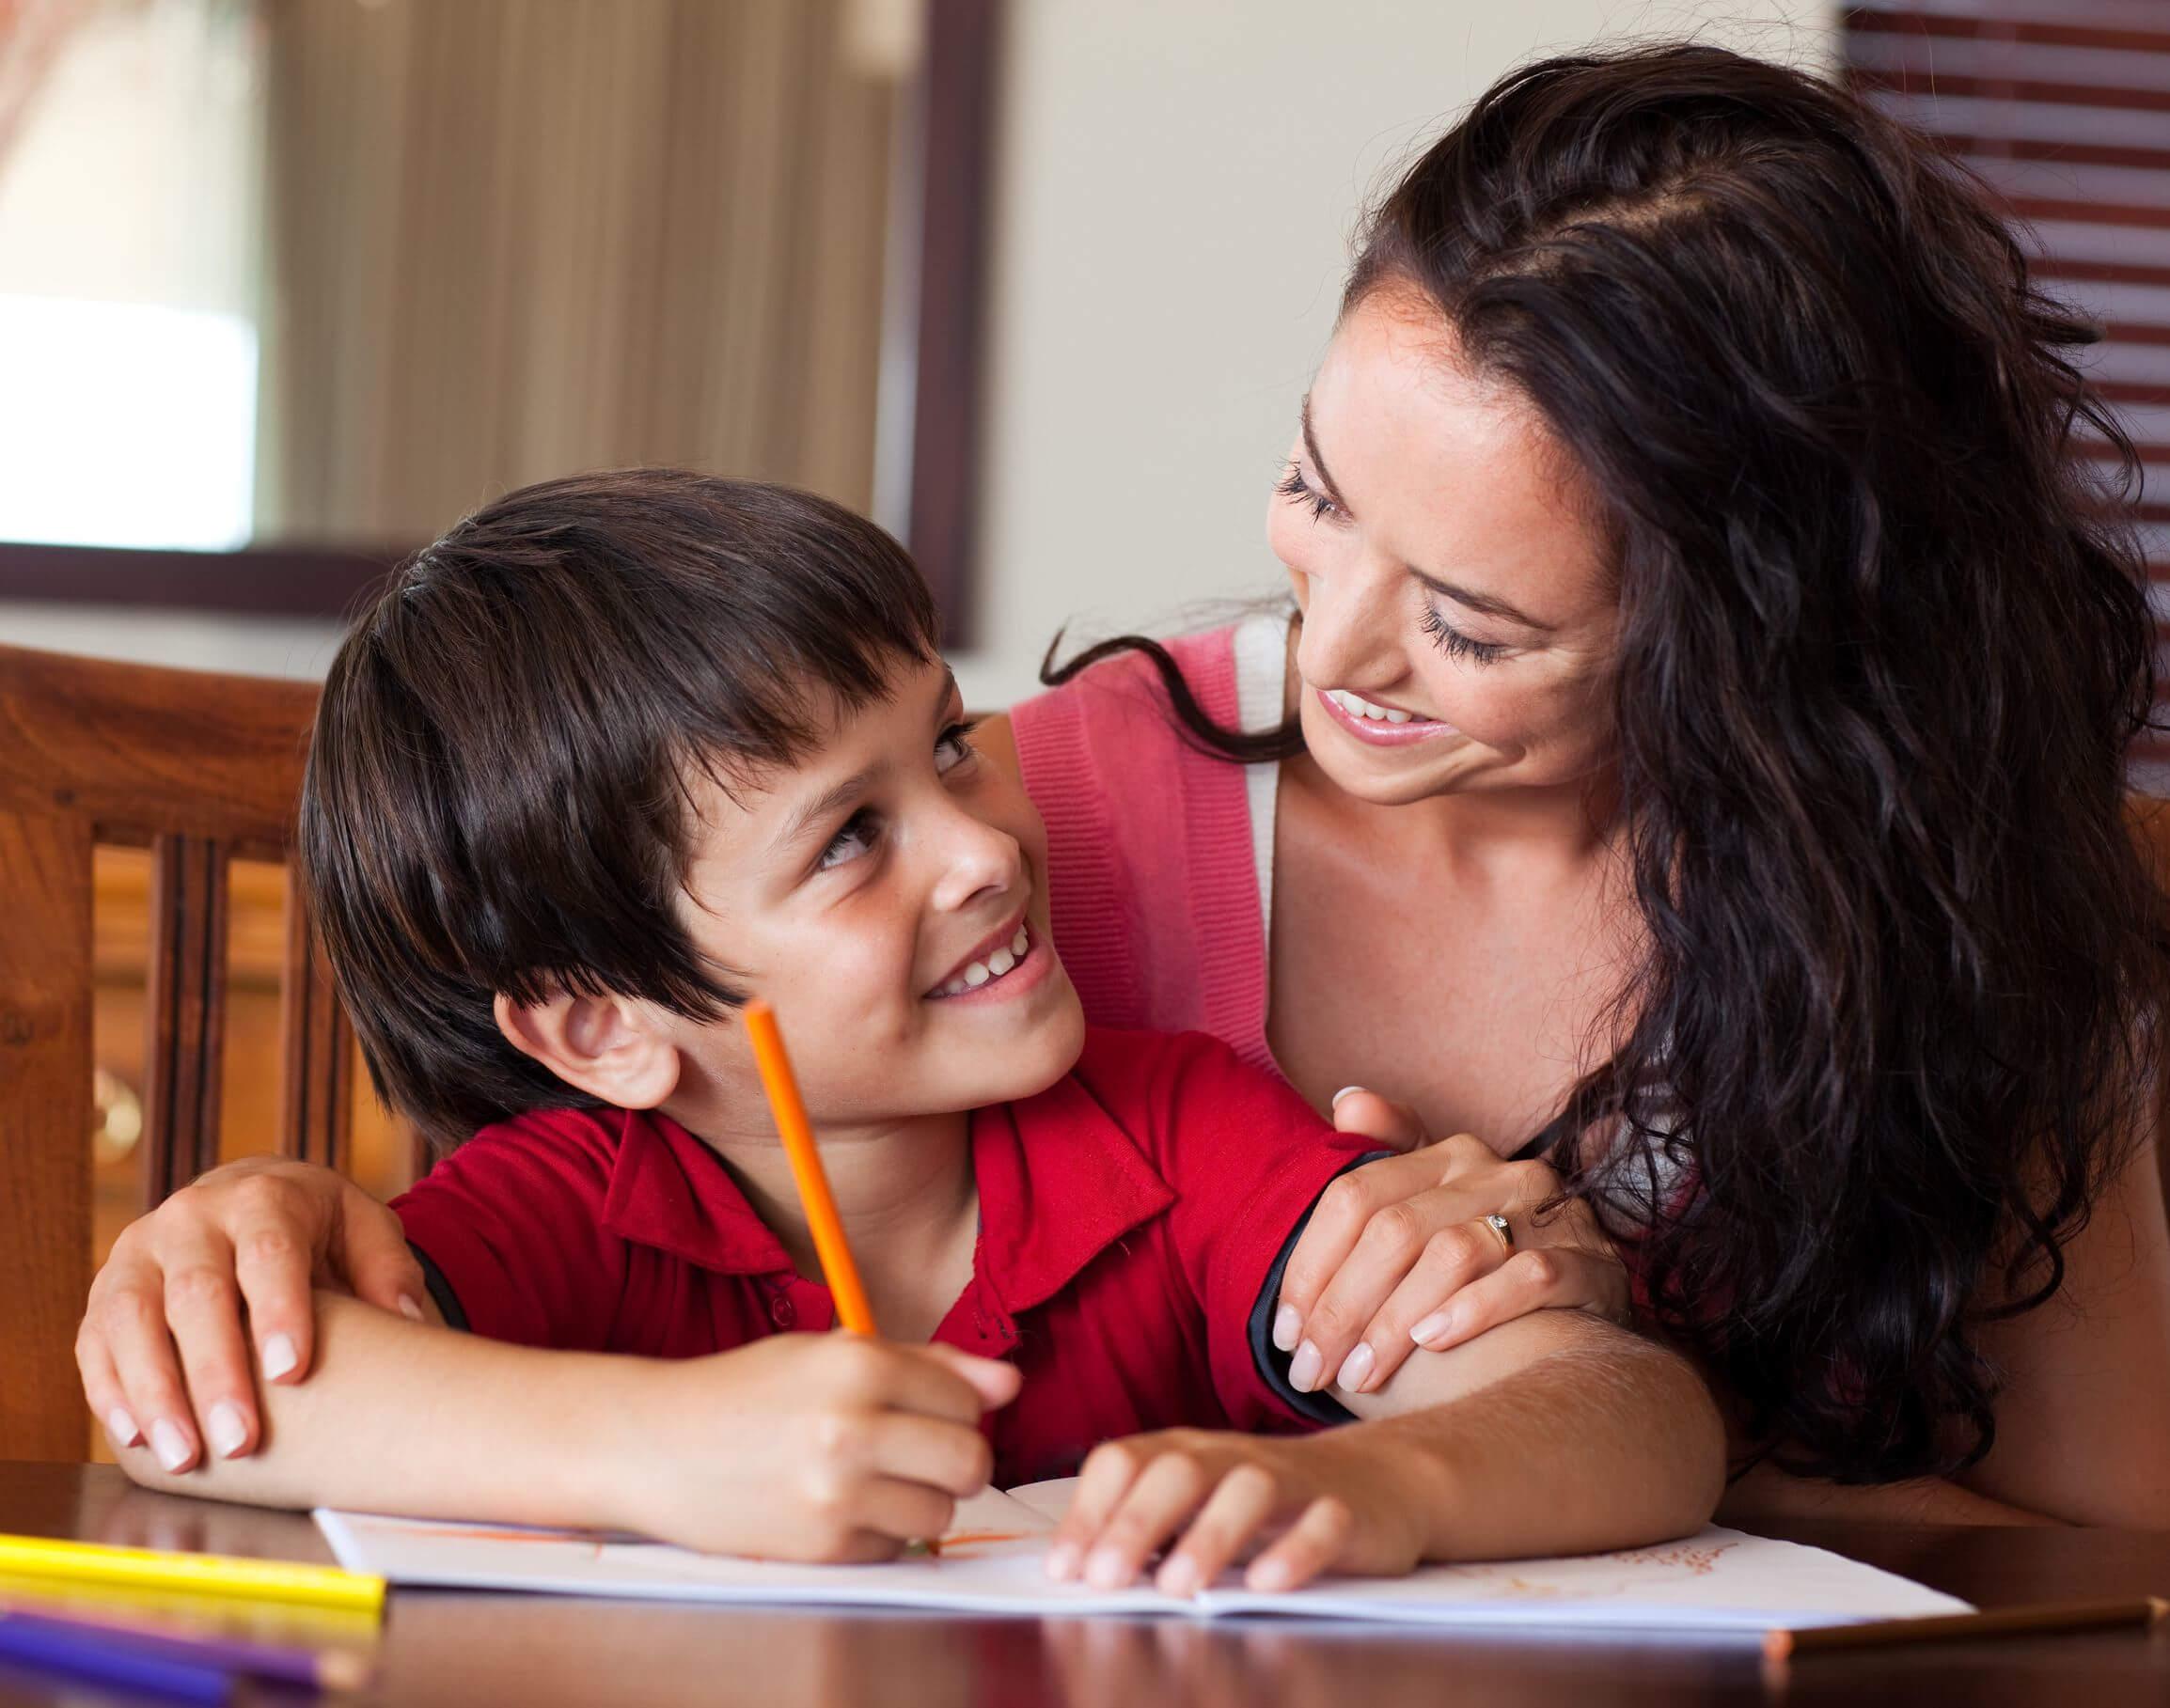 Çocuğunuzu nasıl motive edersiniz sorusunda son ipucumuz, destek olmakla ilgilidir.